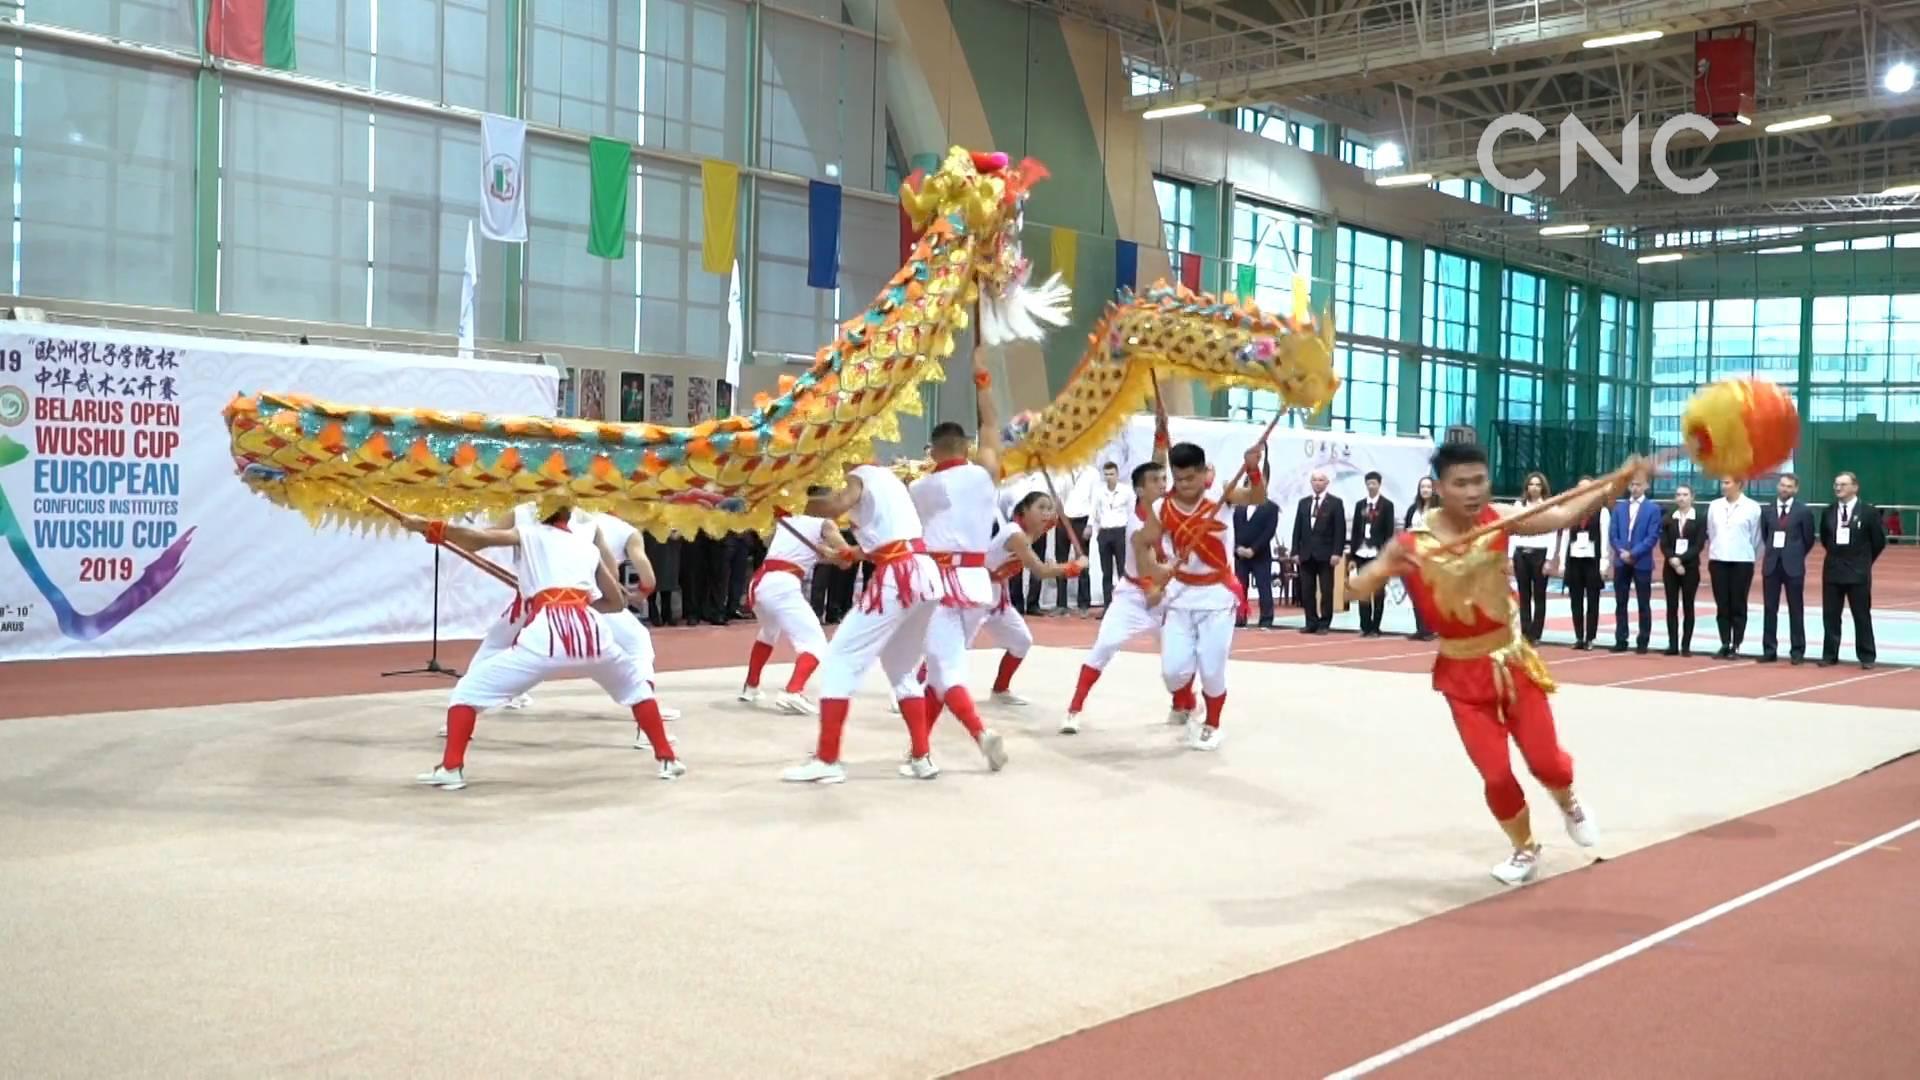 """""""欧洲孔子学院杯""""国际武术公开赛在白俄罗斯举办"""